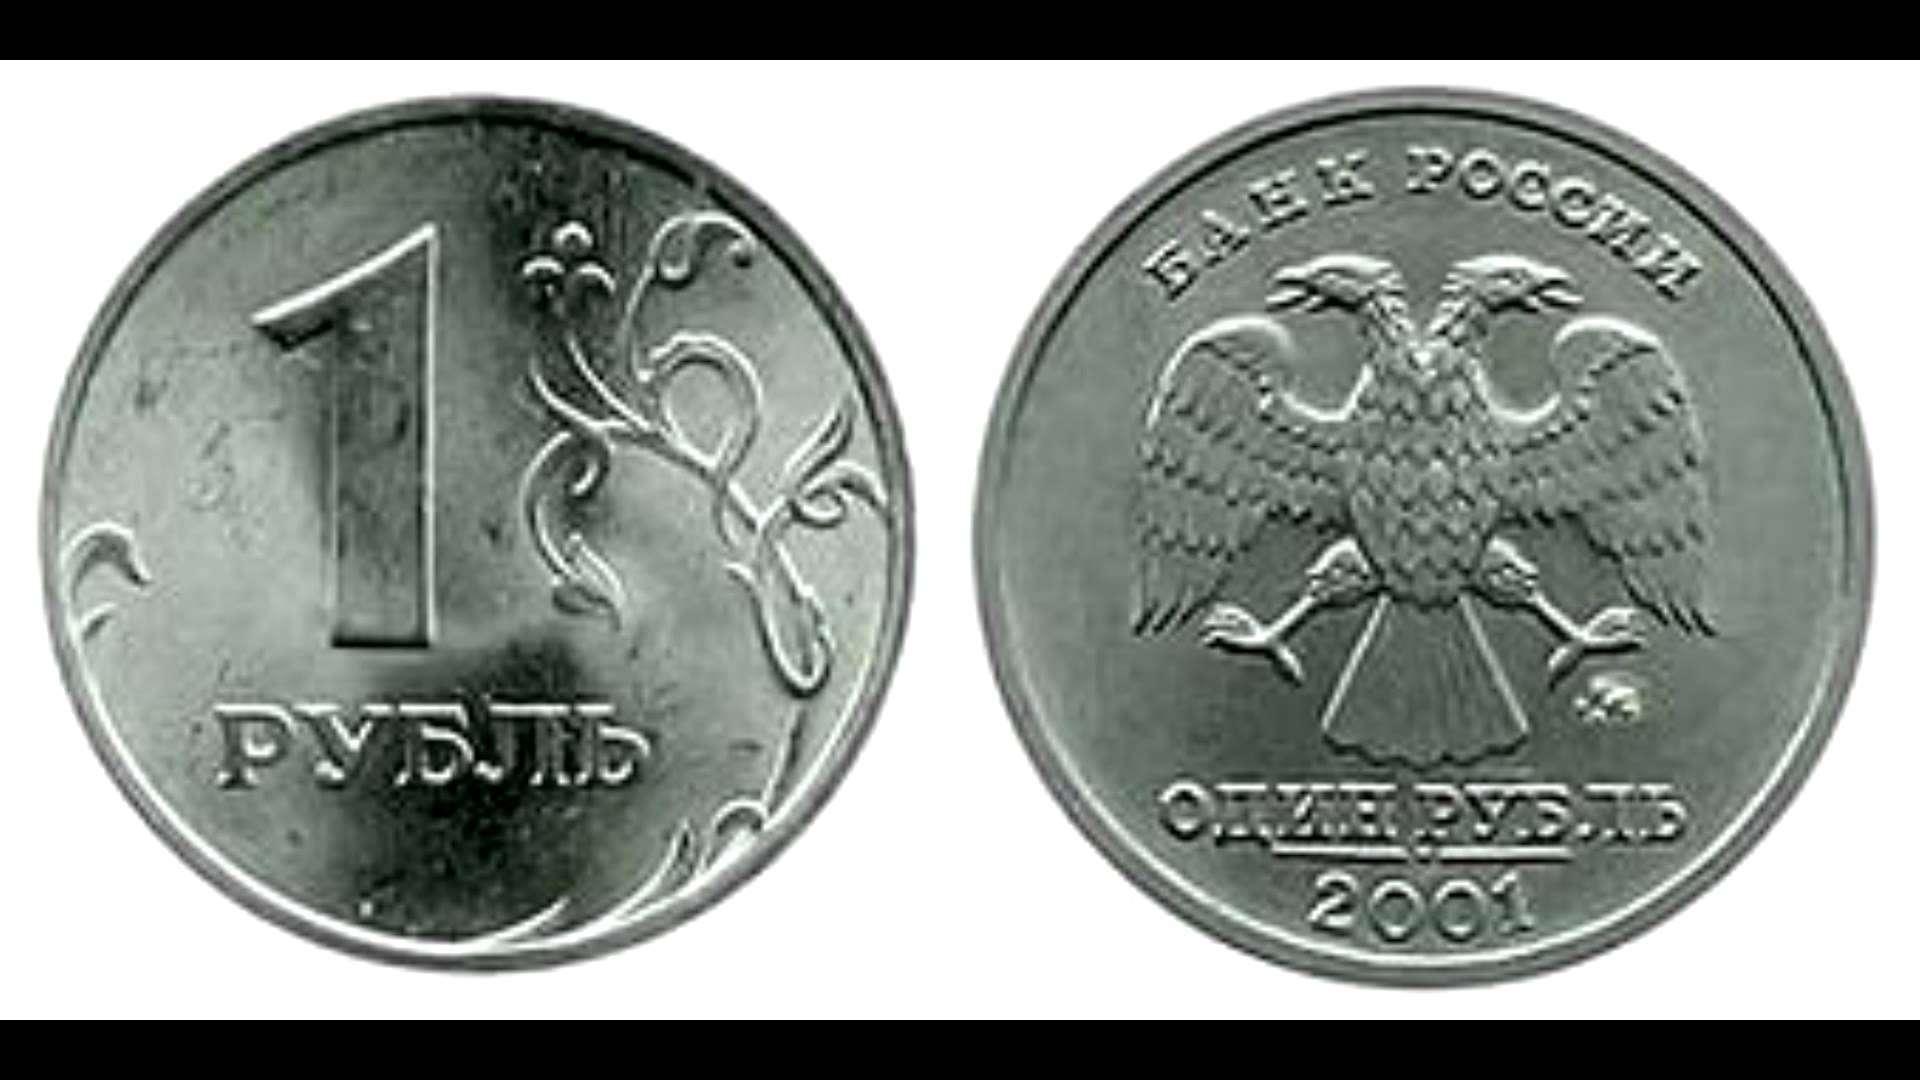 1 и 2 рублевые монеты 2001 года